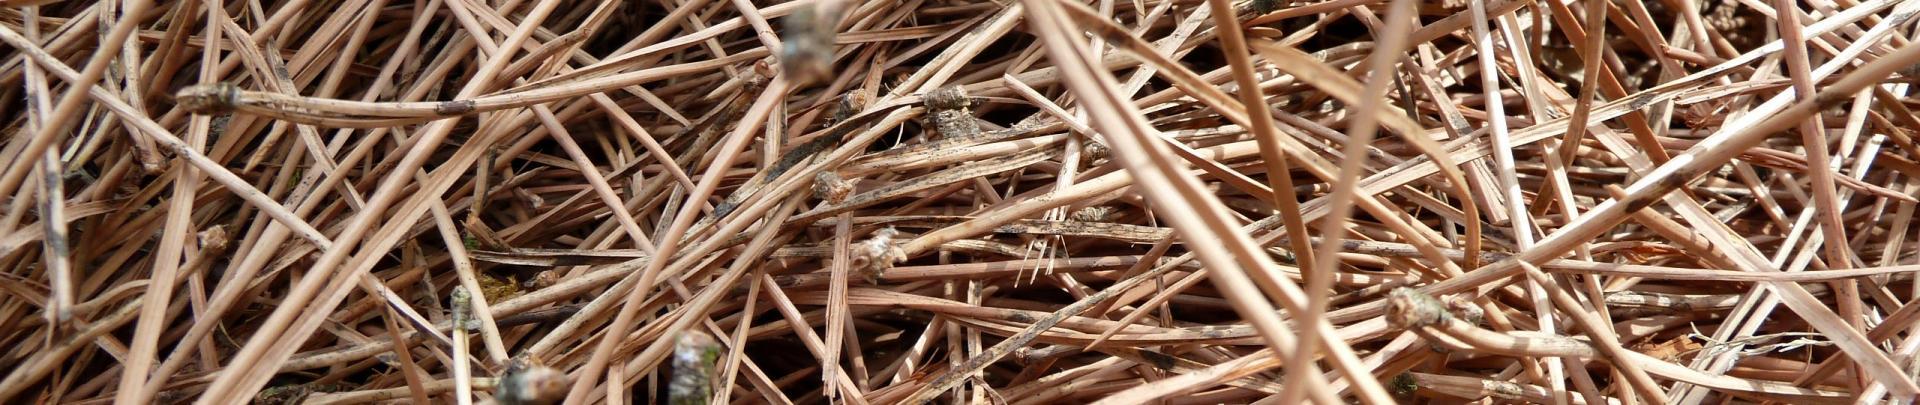 Aiguilles de pins 2